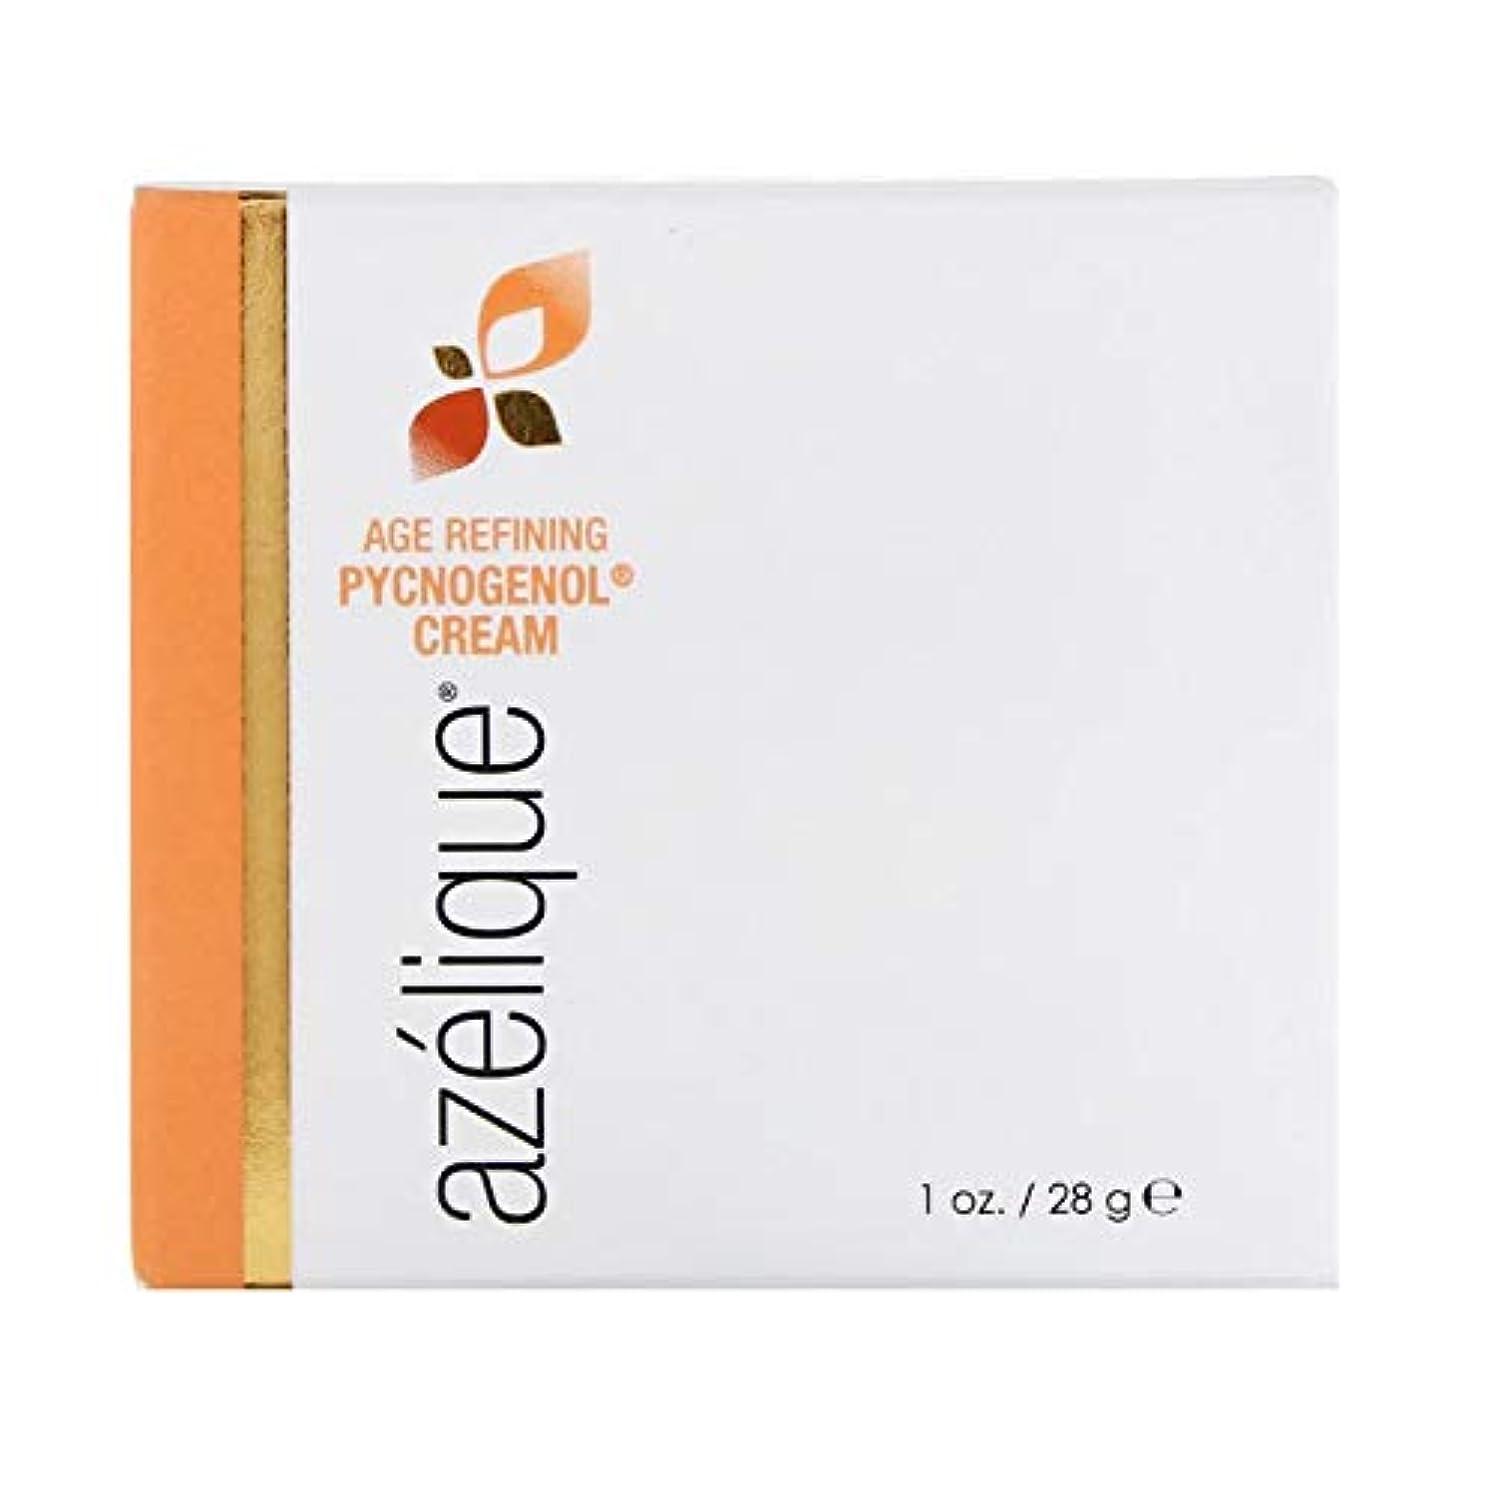 アクセントアミューズブラウスAzelique エイジリファイニング ピクノジェノールクリーム 1 oz 28 g 【アメリカ直送】